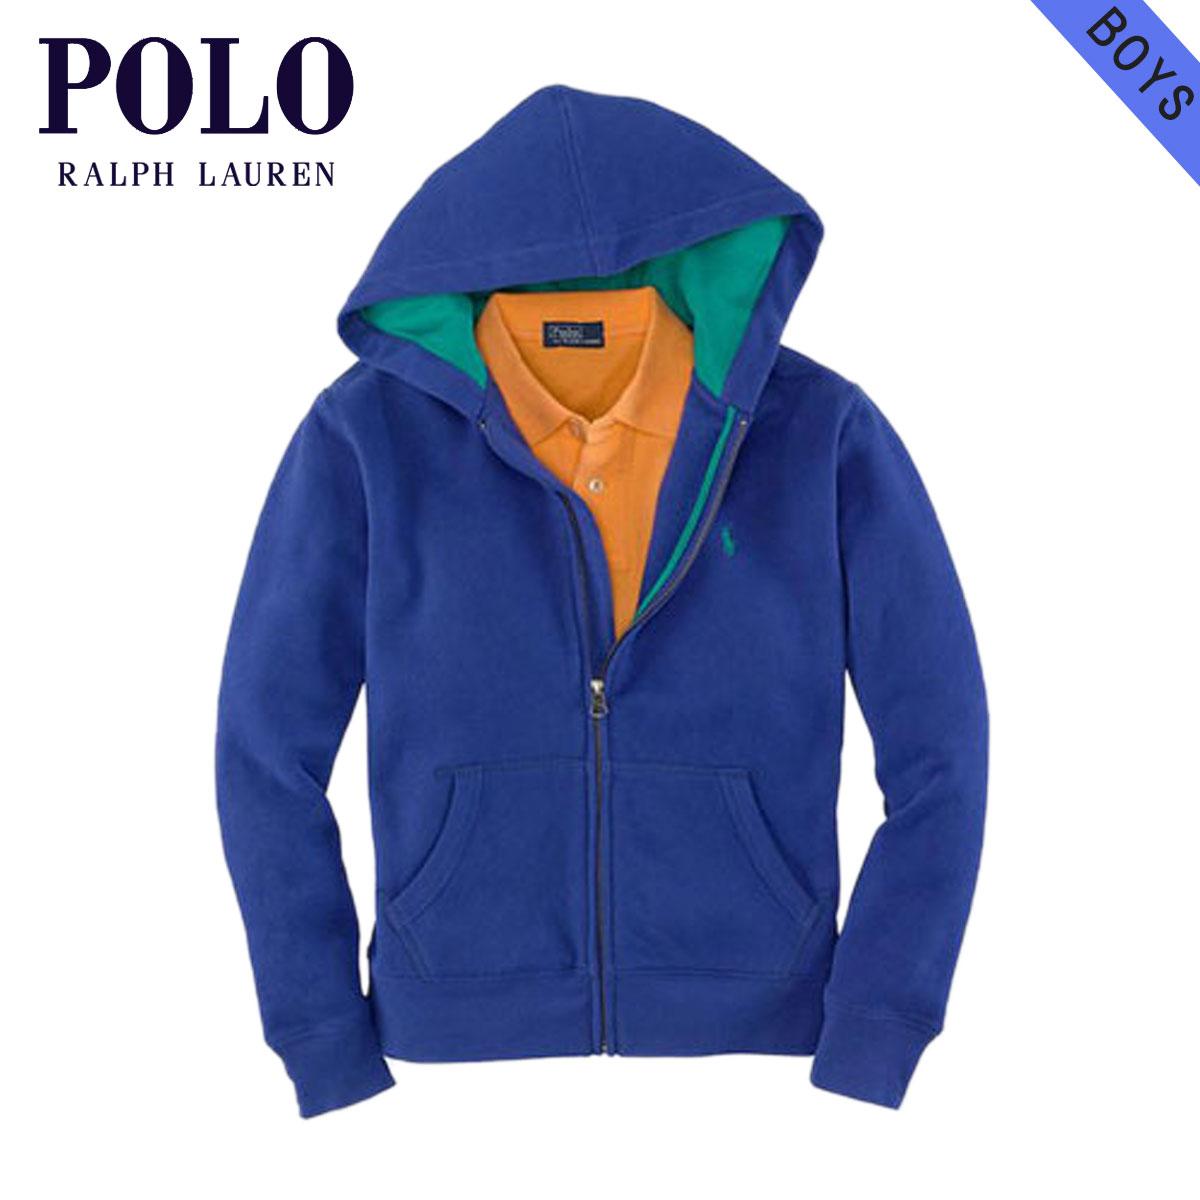 ポロ ラルフローレン キッズ POLO RALPH LAUREN CHILDREN 正規品 子供服 ボーイズ パーカー Full-Zip Pony Hoodie #17535466 BLUE D15S25